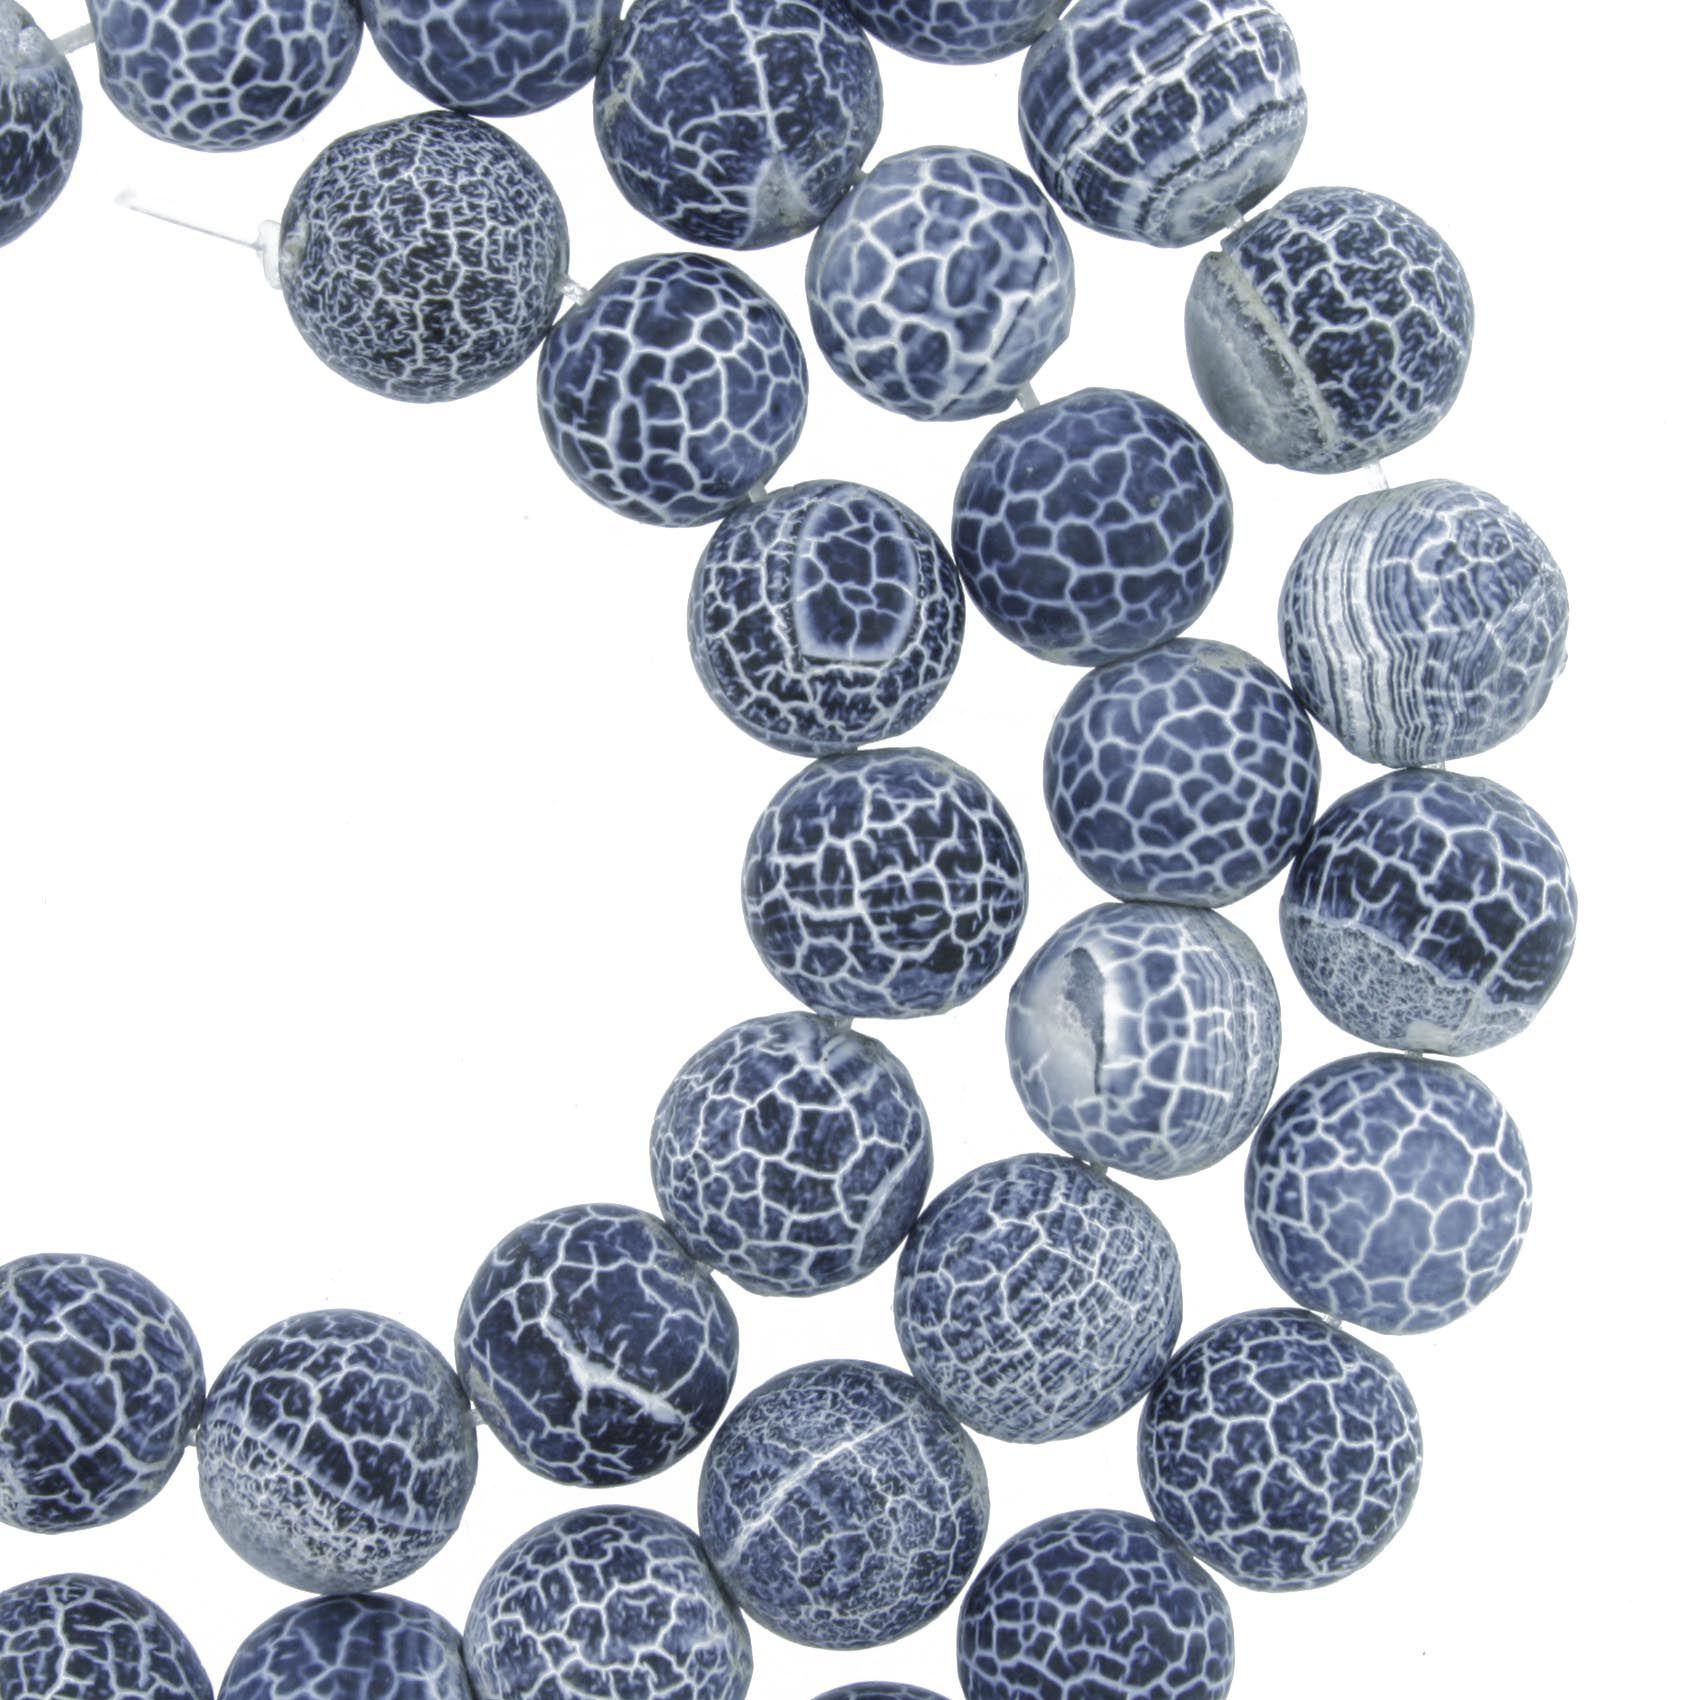 Fio de Pedra - Pietra® - Ágata Craquelada Azul - 8mm  - Universo Religioso® - Artigos de Umbanda e Candomblé